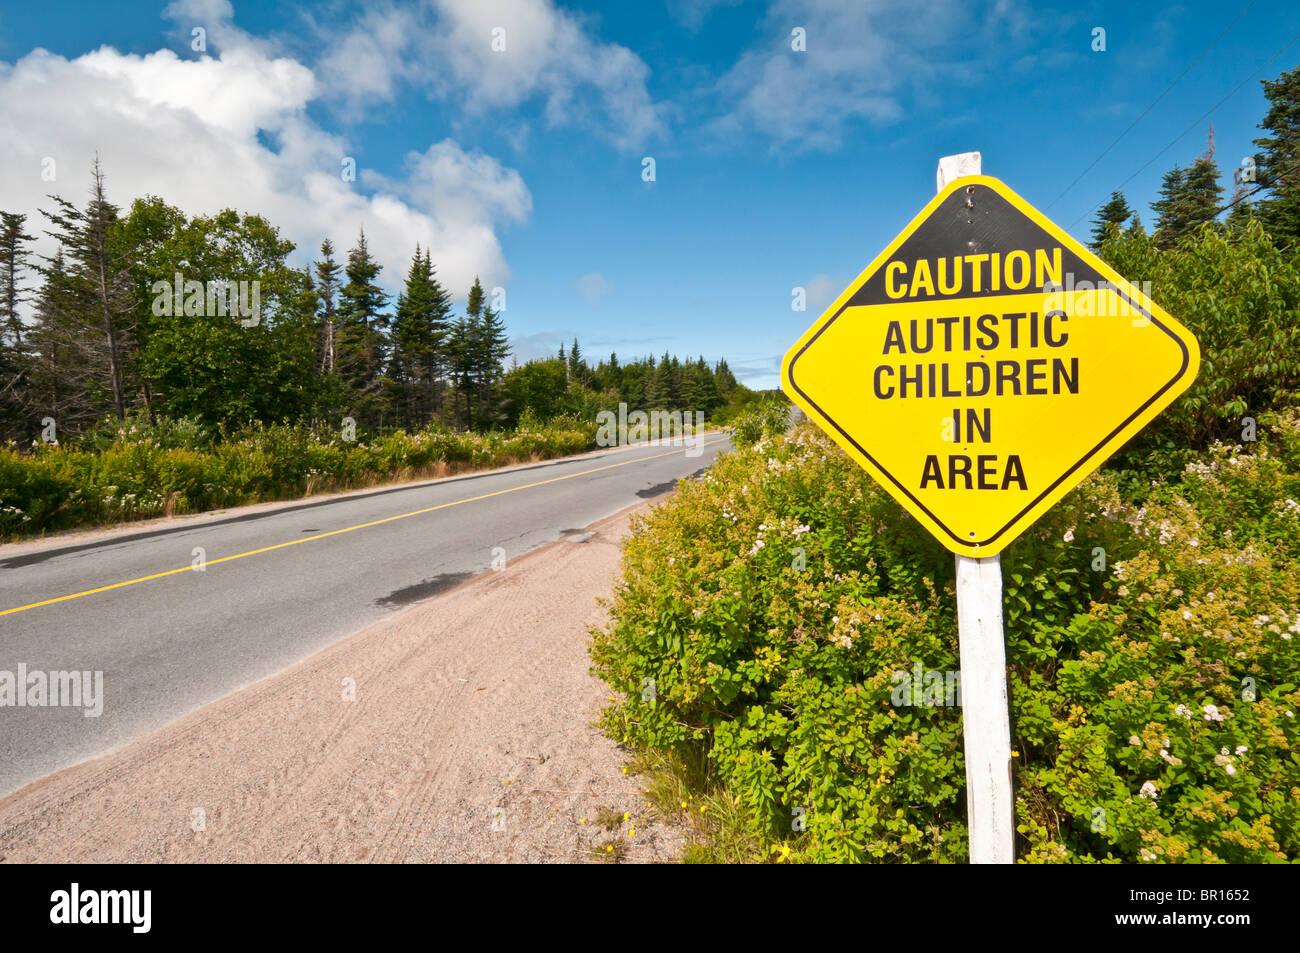 Caution Autistic Children in Area, road sign, Elliston, Bonavista Peninsula, Newfoundland, Canada - Stock Image